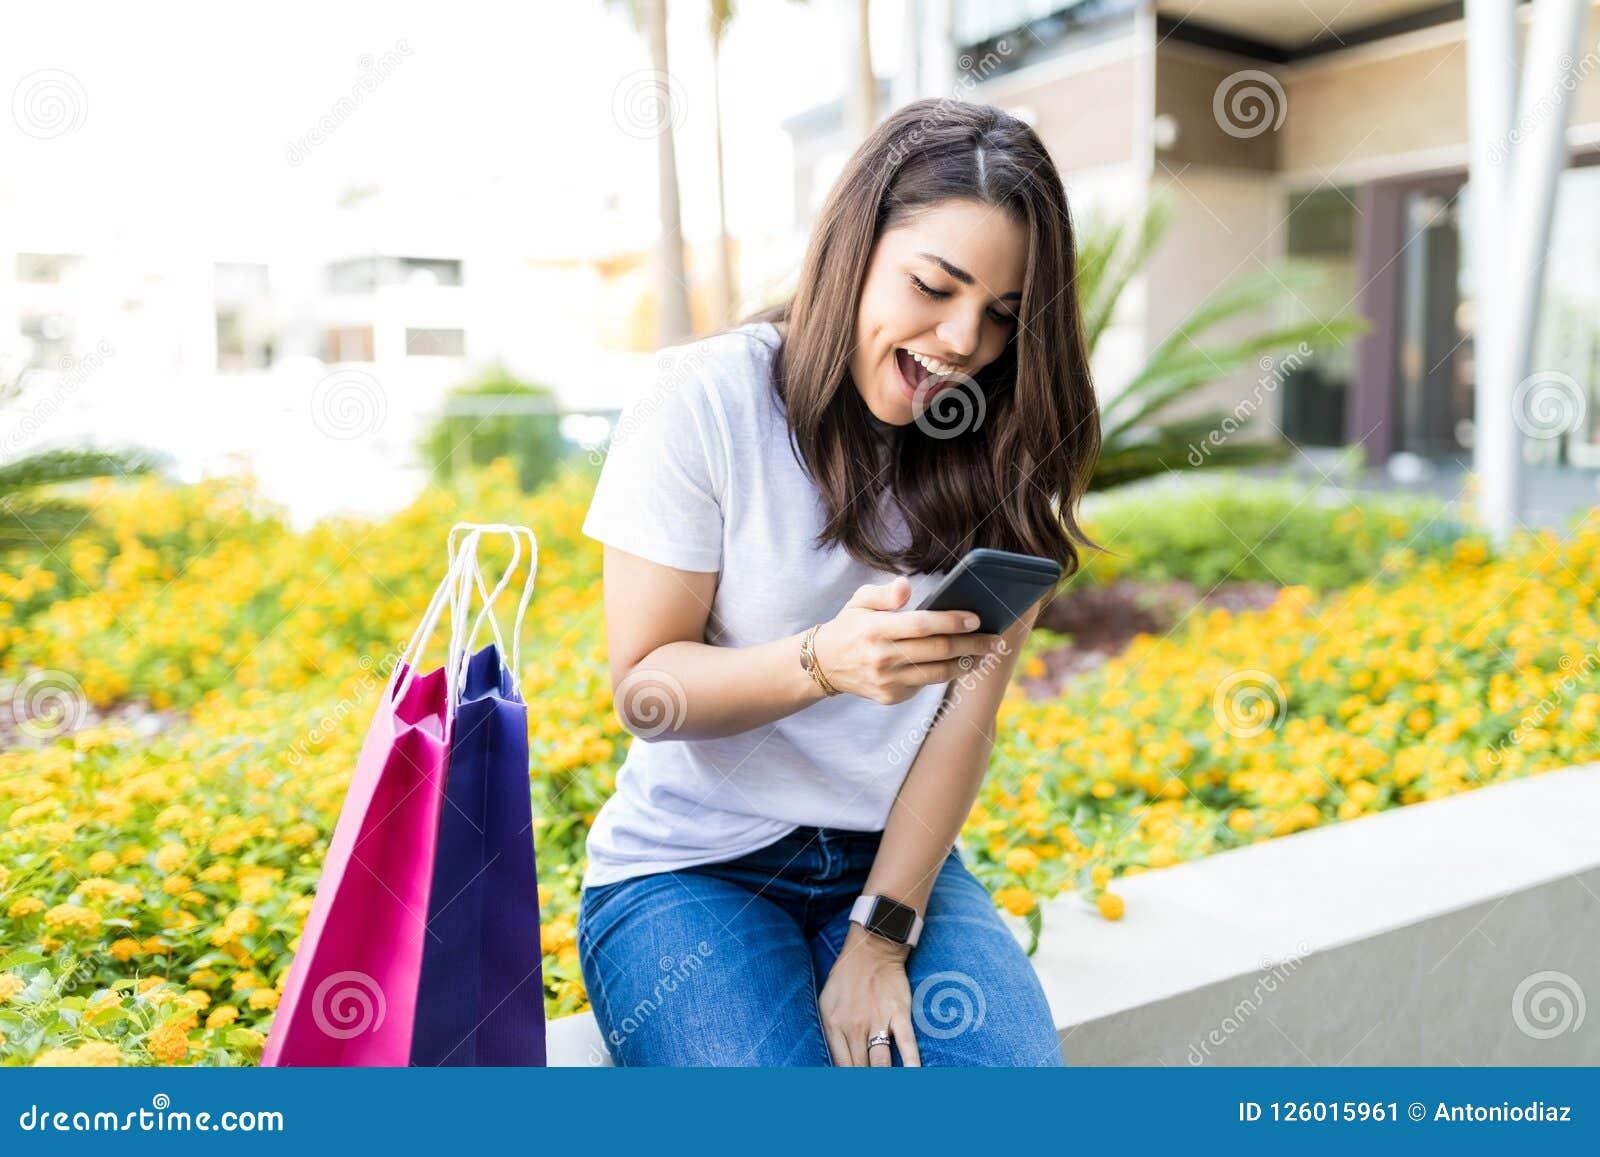 Donna SMS leggente su Smartphone dai sacchetti della spesa fuori del centro commerciale